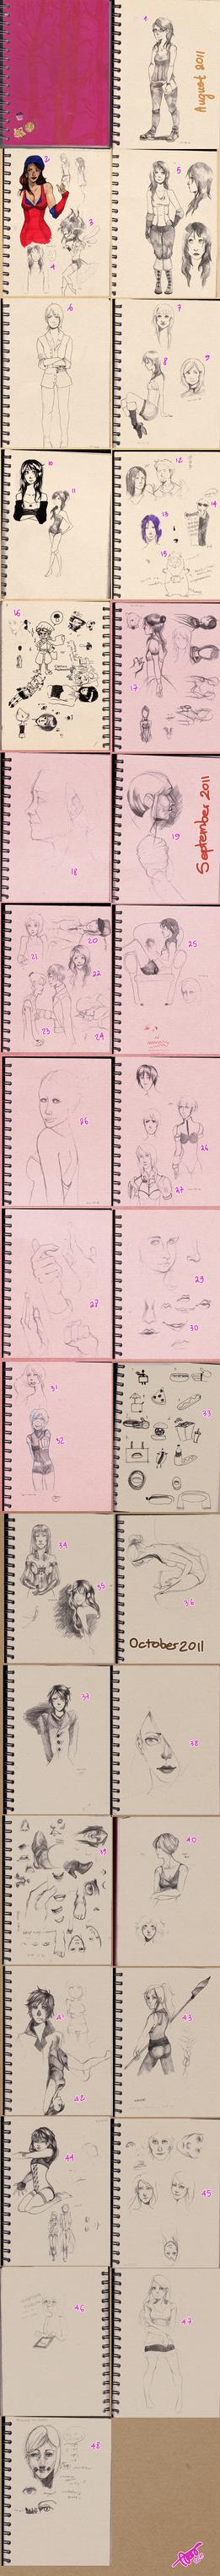 Pinkie Sketchbook dump